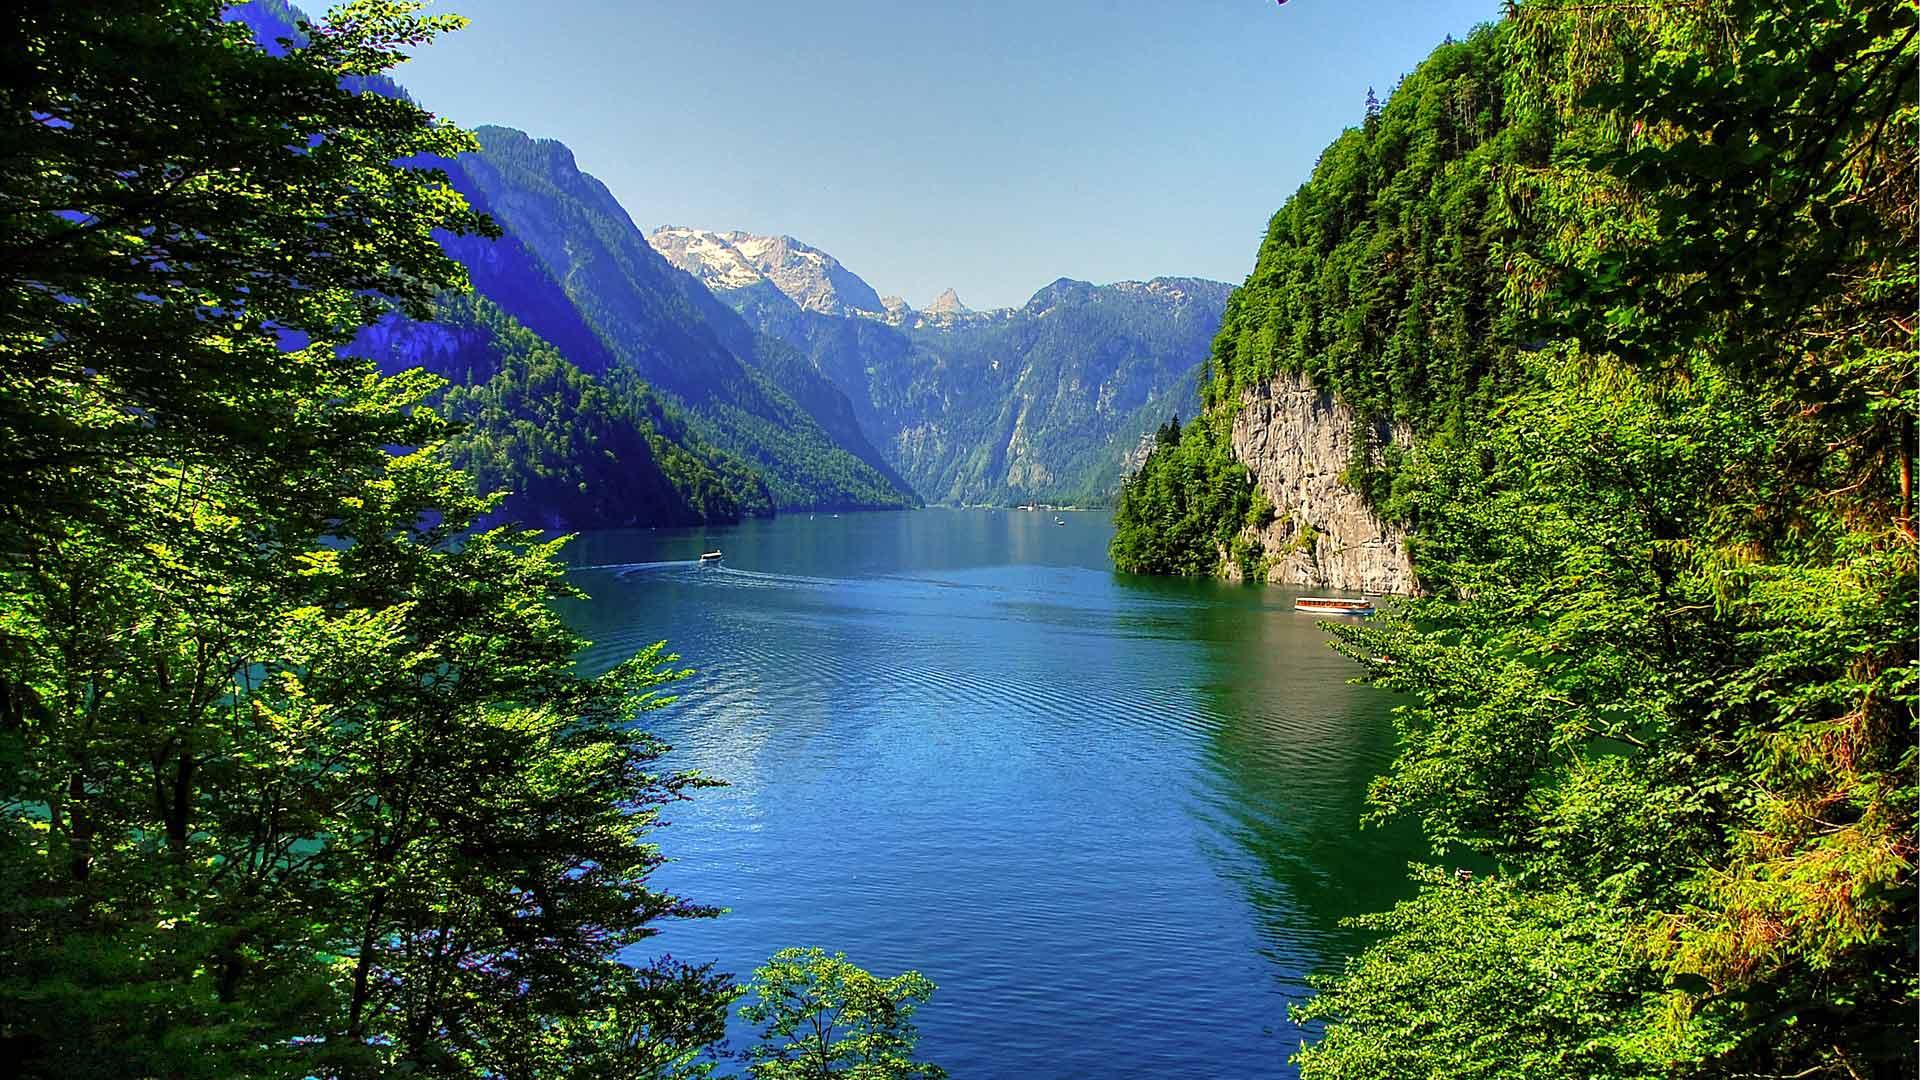 De Köningssee is een van de vele idyllische Alpen meren